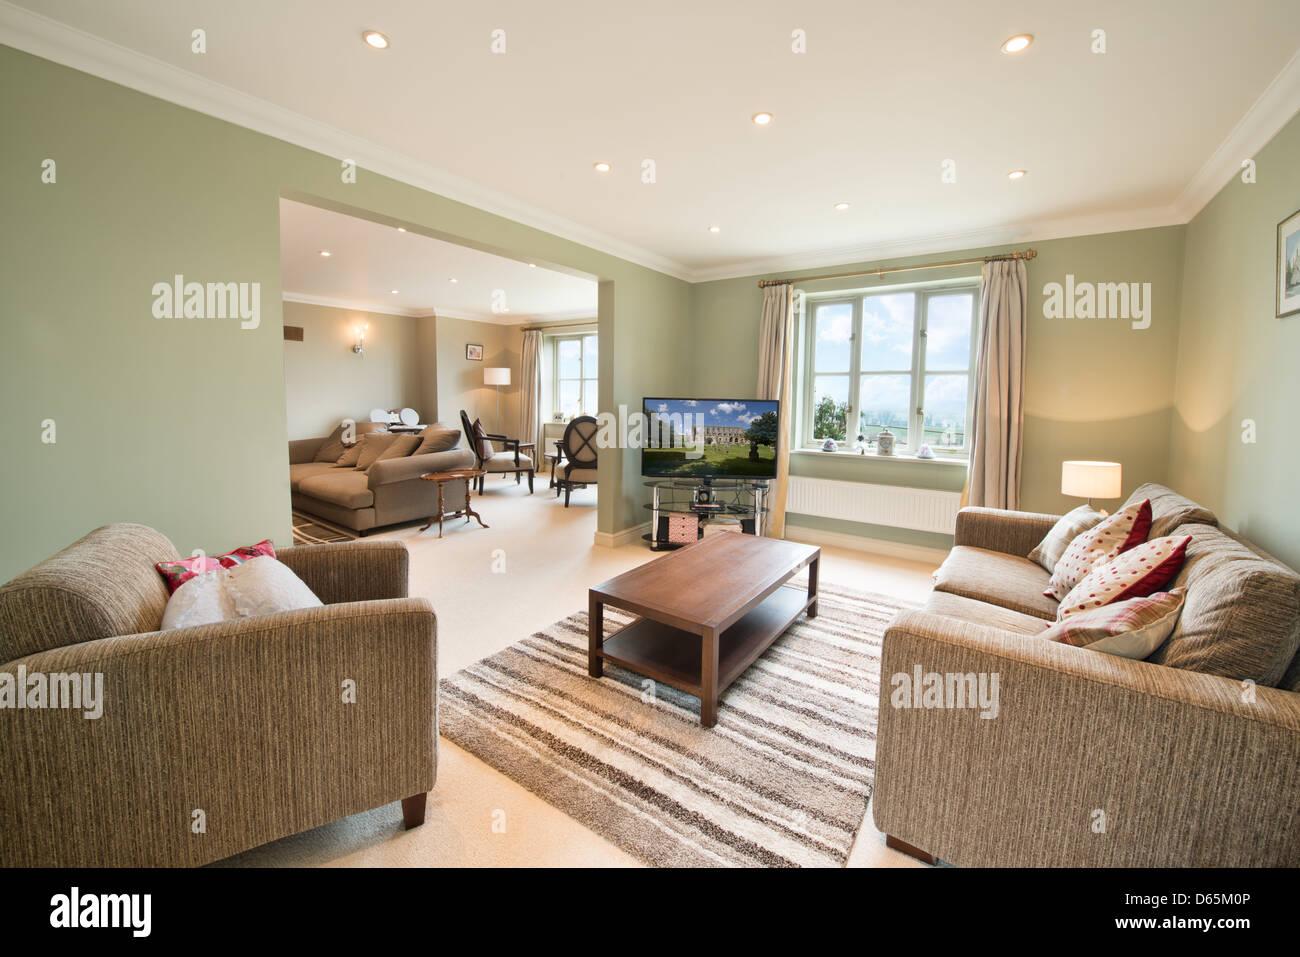 Ein gemütliches Wohnzimmer Stockbild